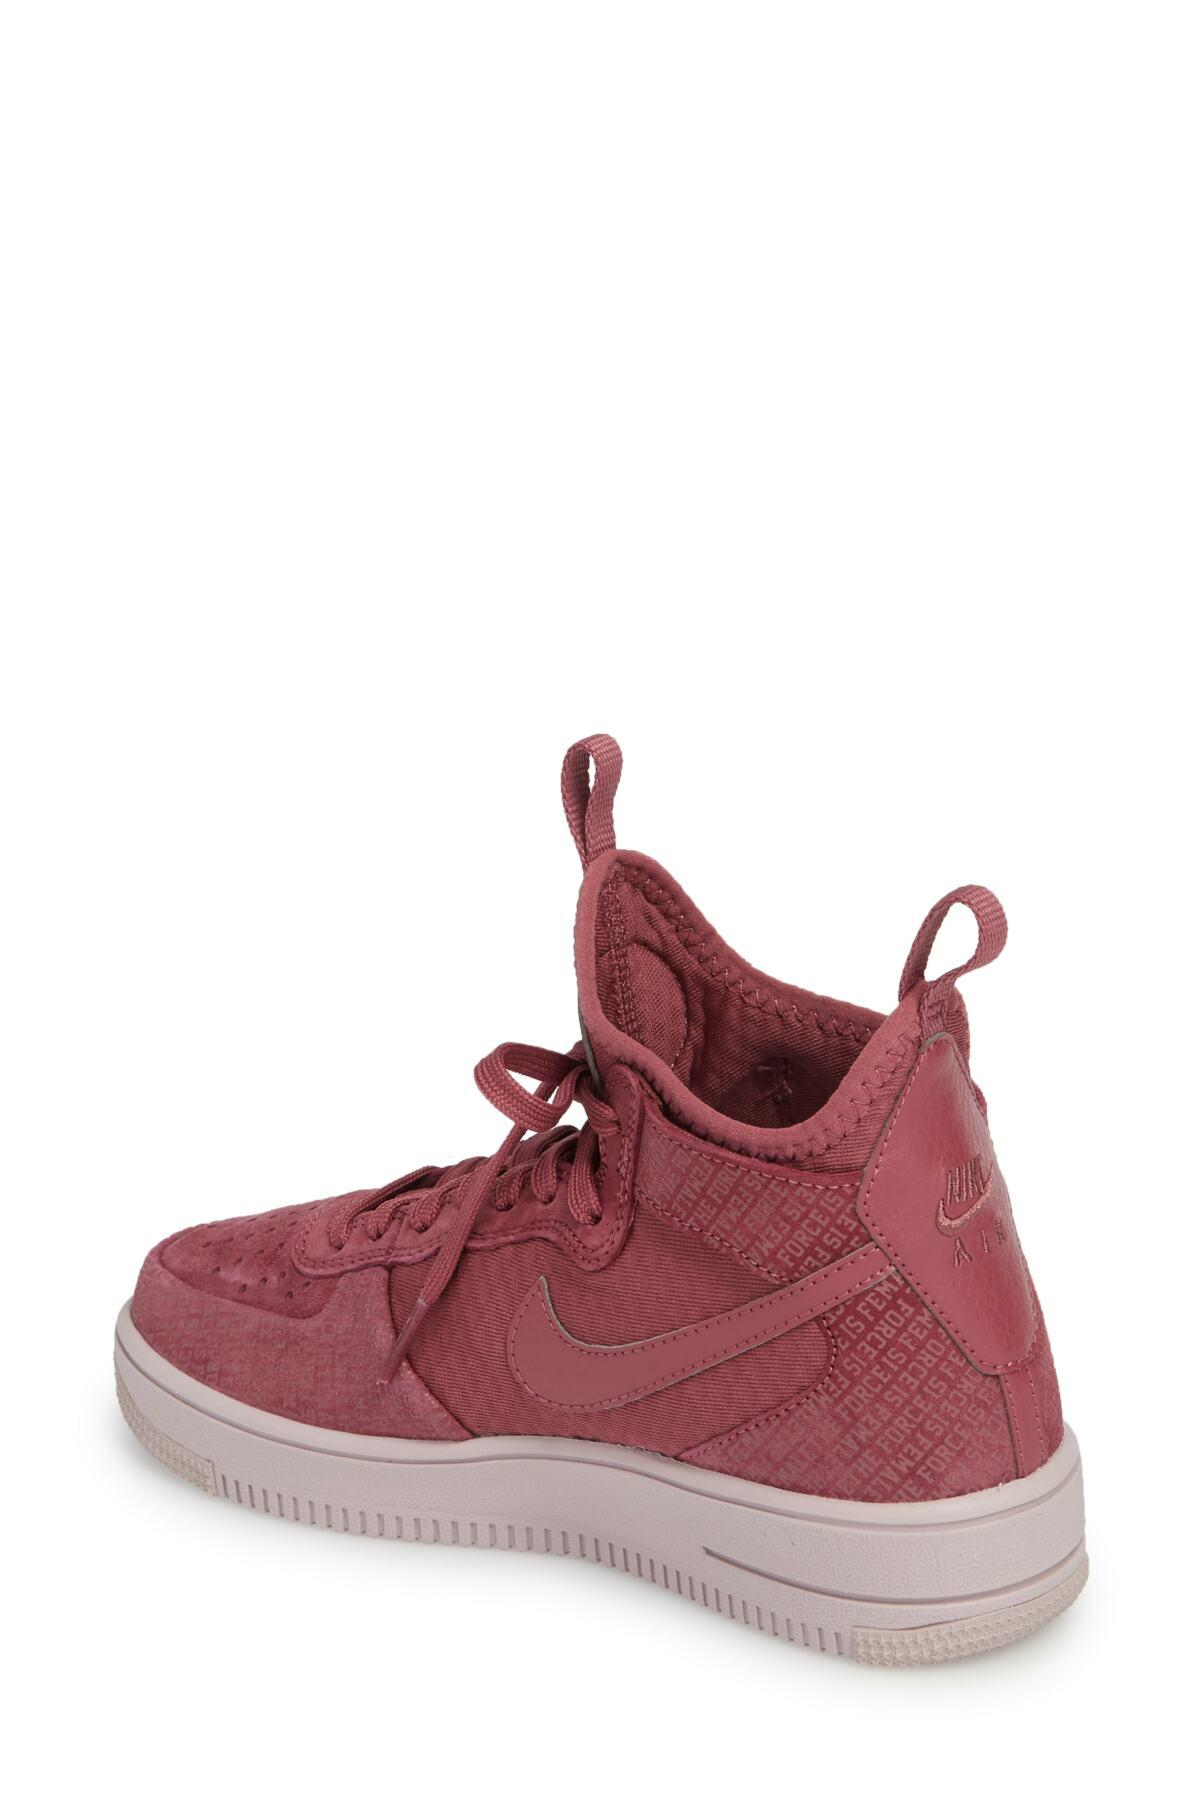 ac2cef34b Nike Air Force 1 Ultraforce Mid Fif Sneaker (women) in Red - Lyst